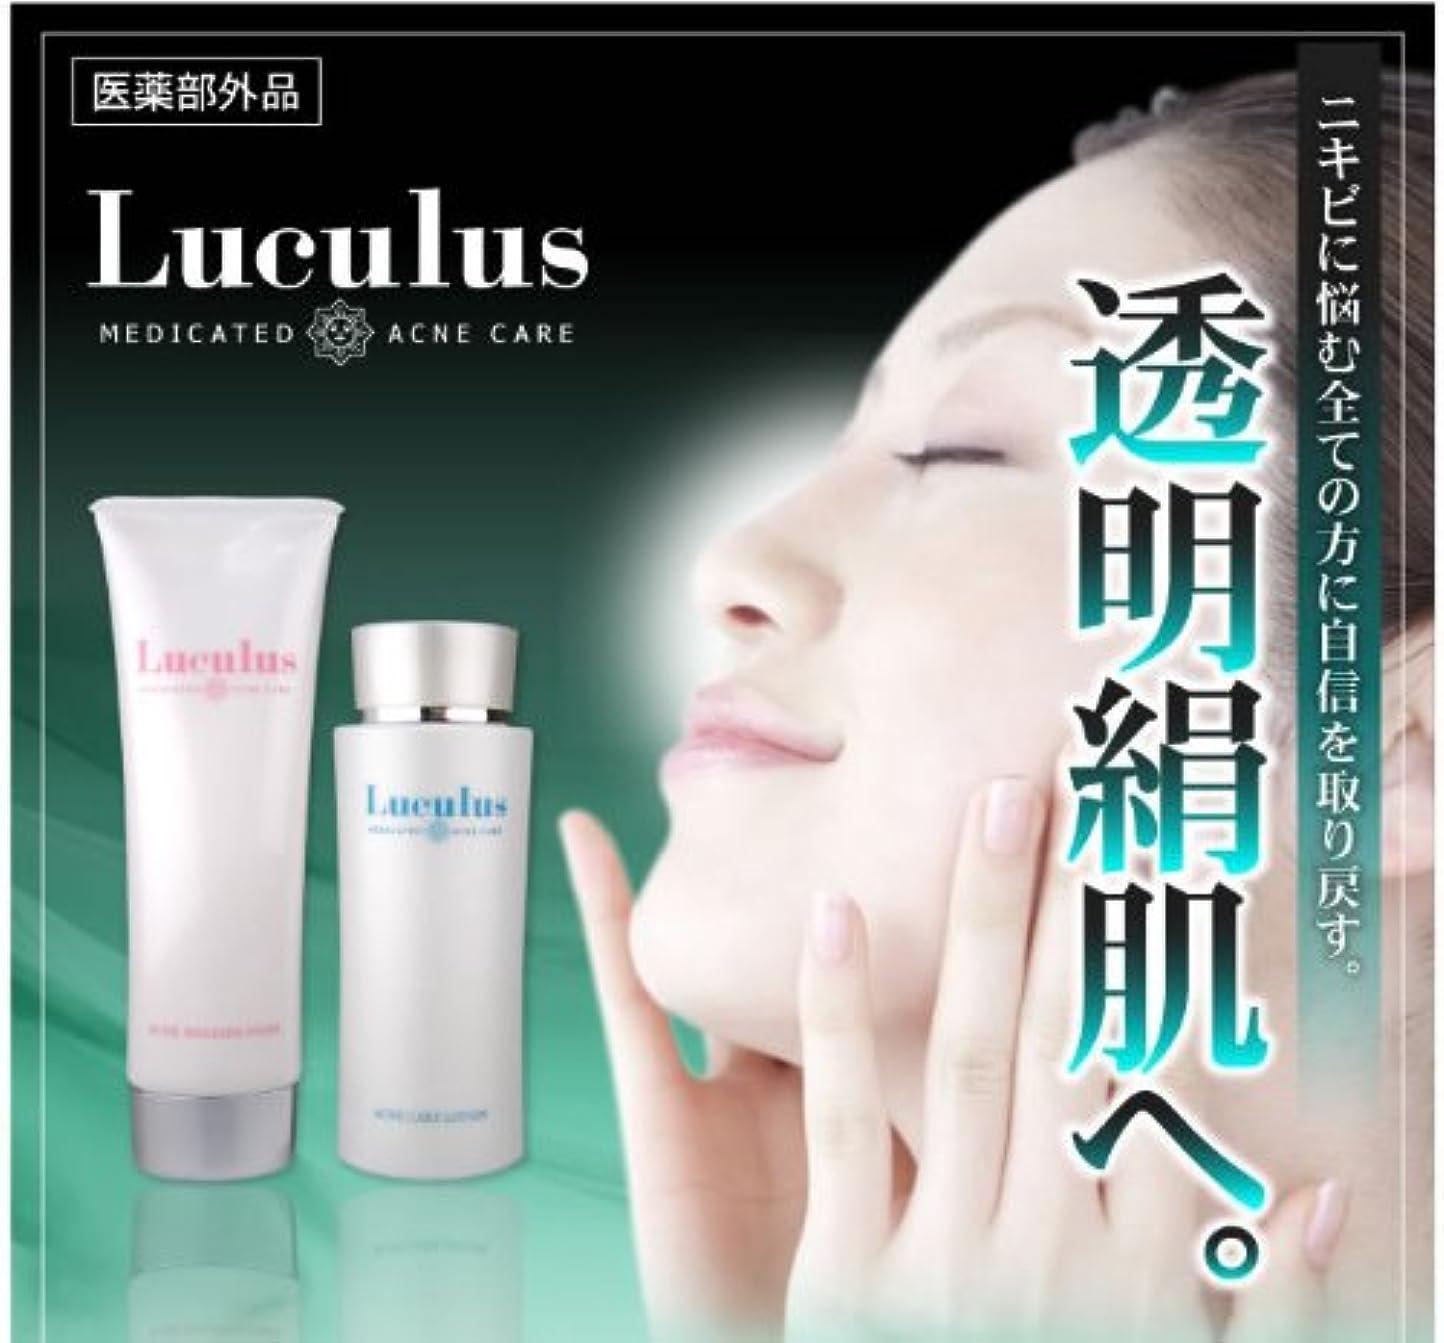 同じ突然のマンモス薬用アクネケア ルクルス 洗顔フォーム